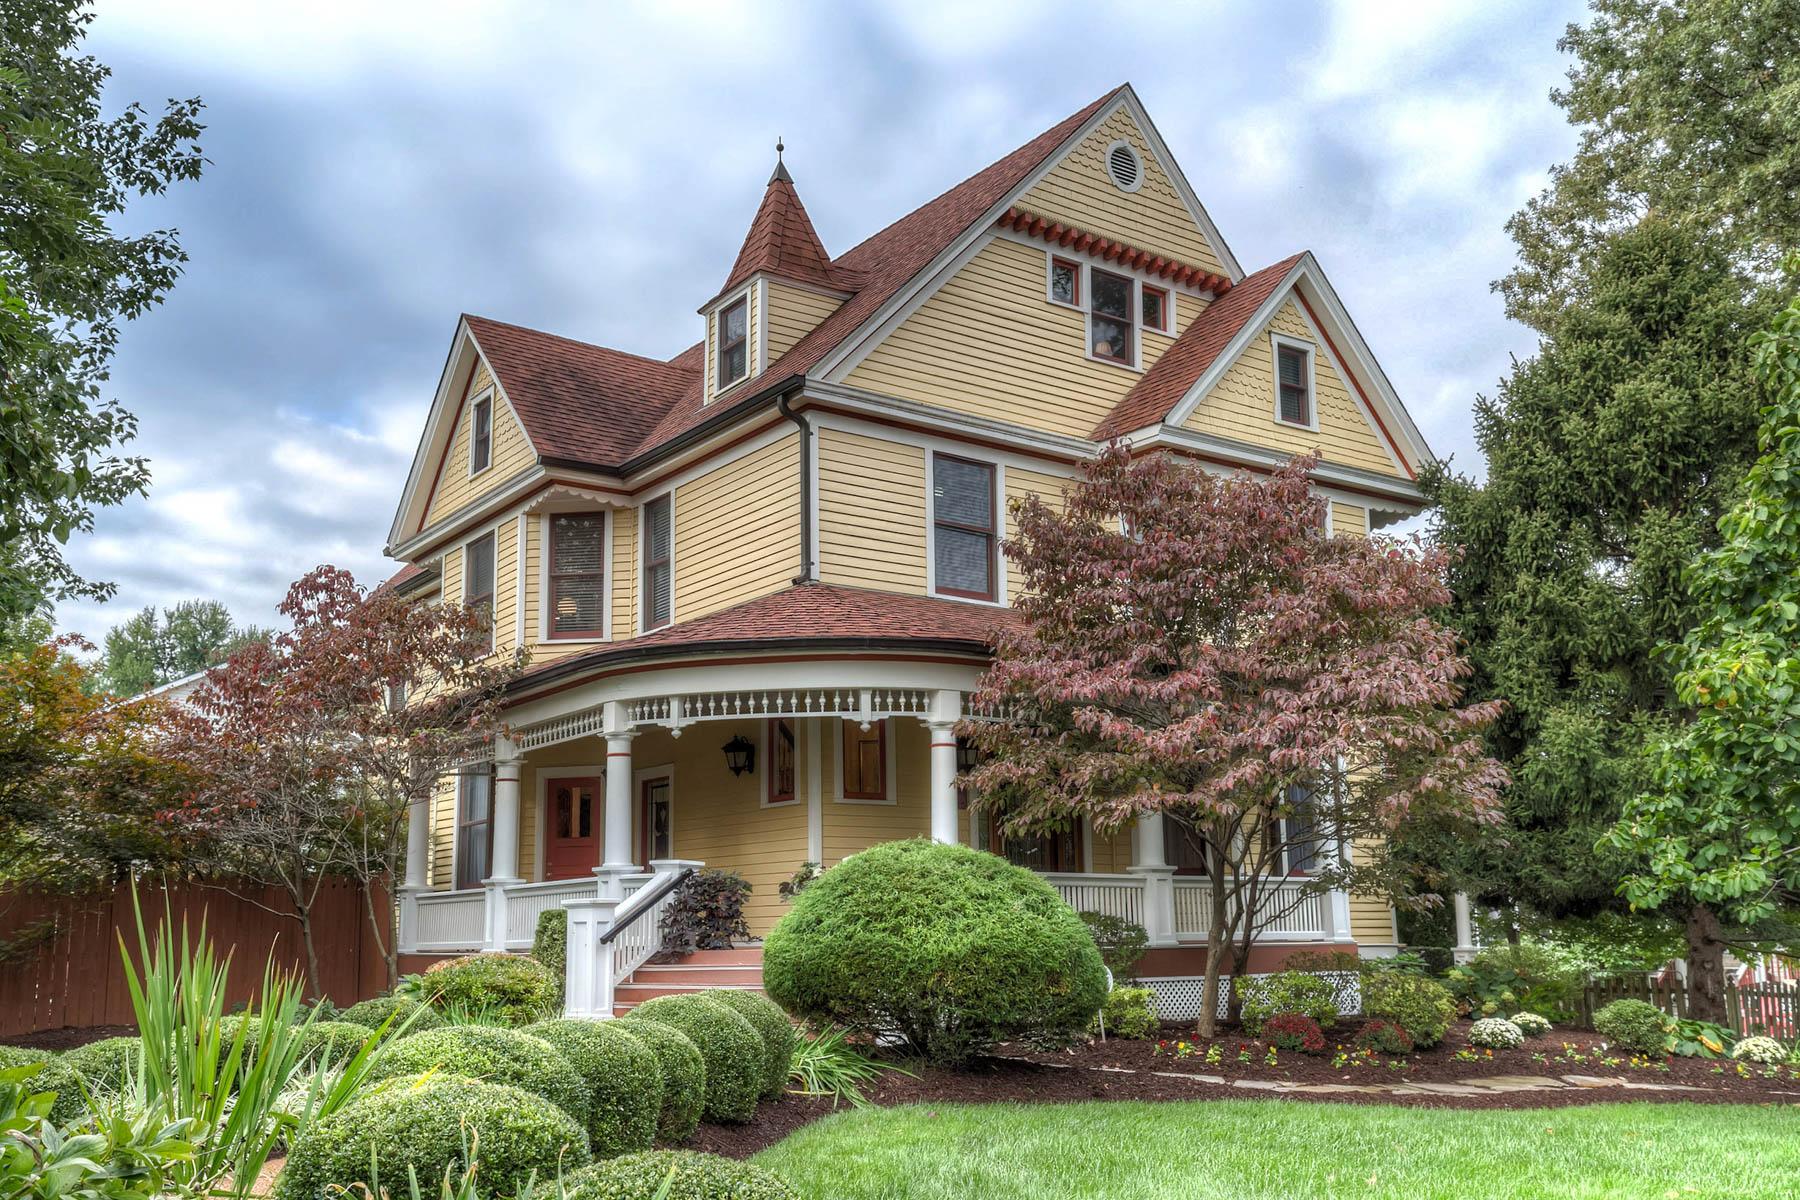 独户住宅 为 销售 在 West Monroe 202 West Monroe St. Louis, 密苏里州 63122 美国